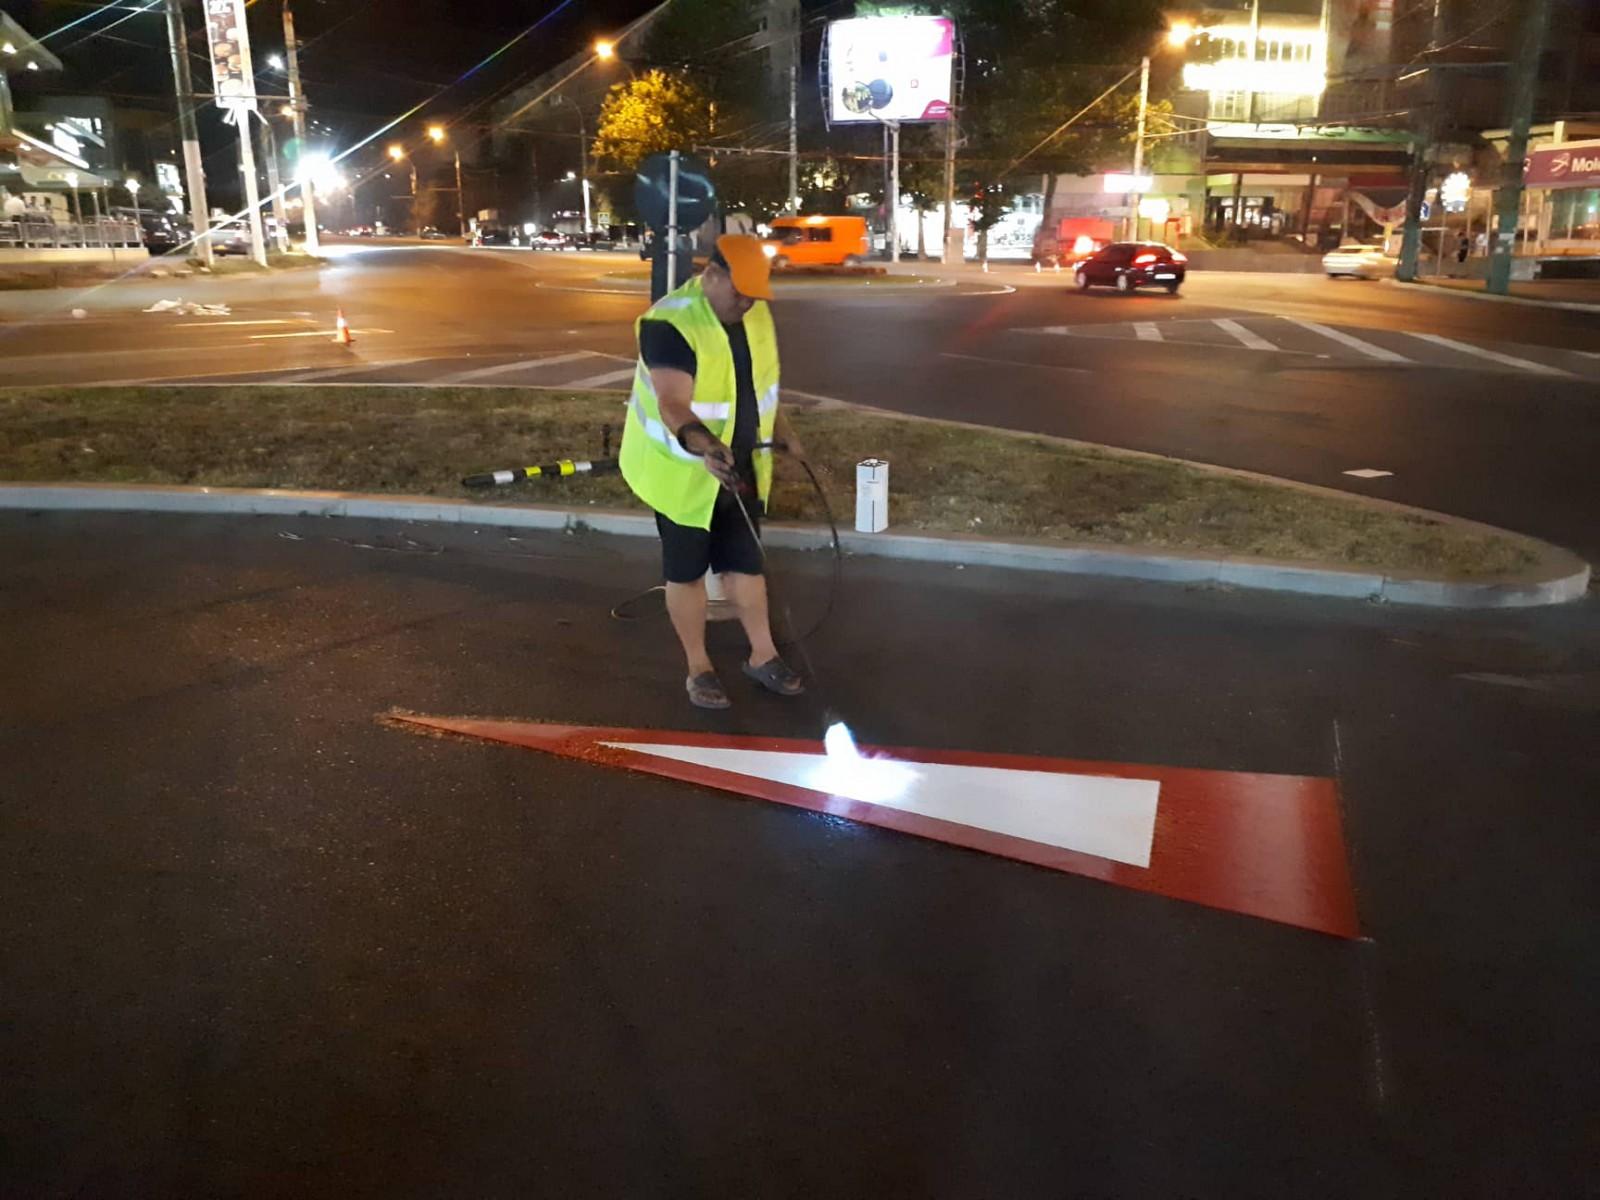 (foto) Chişinău: Marcaje rutiere de ultimă generaţie, pe cale de dispariţie după doar 2 zile de când au apărut